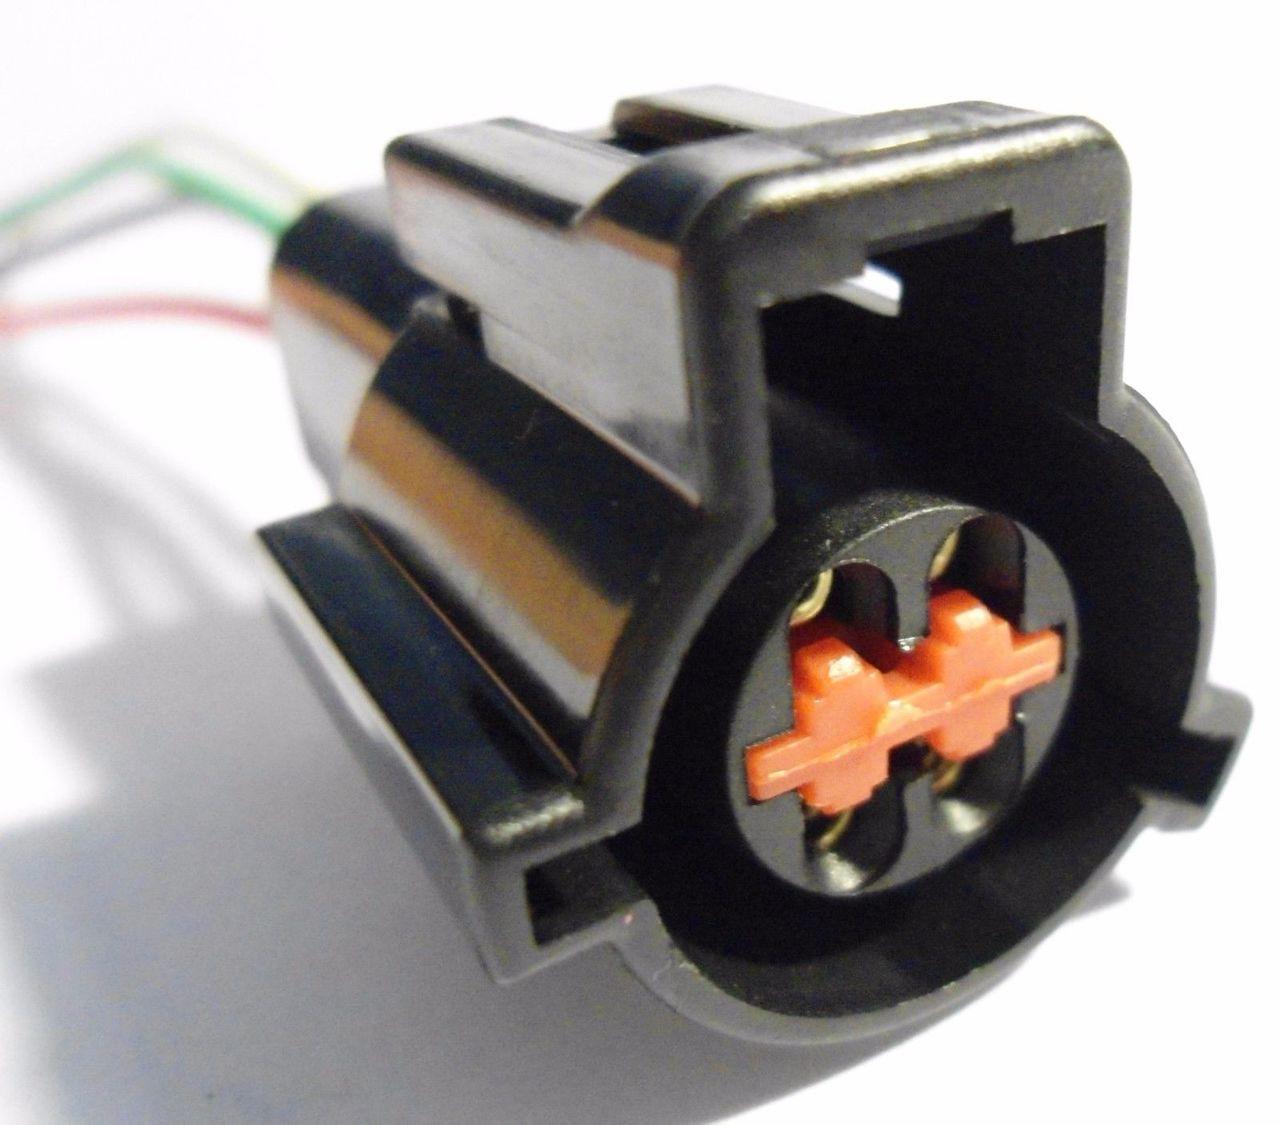 connector 4 way fuel pump oxygen o2 sensor harness pigtail ford 89 95 wpt112 c godaca llc  [ 1280 x 1125 Pixel ]